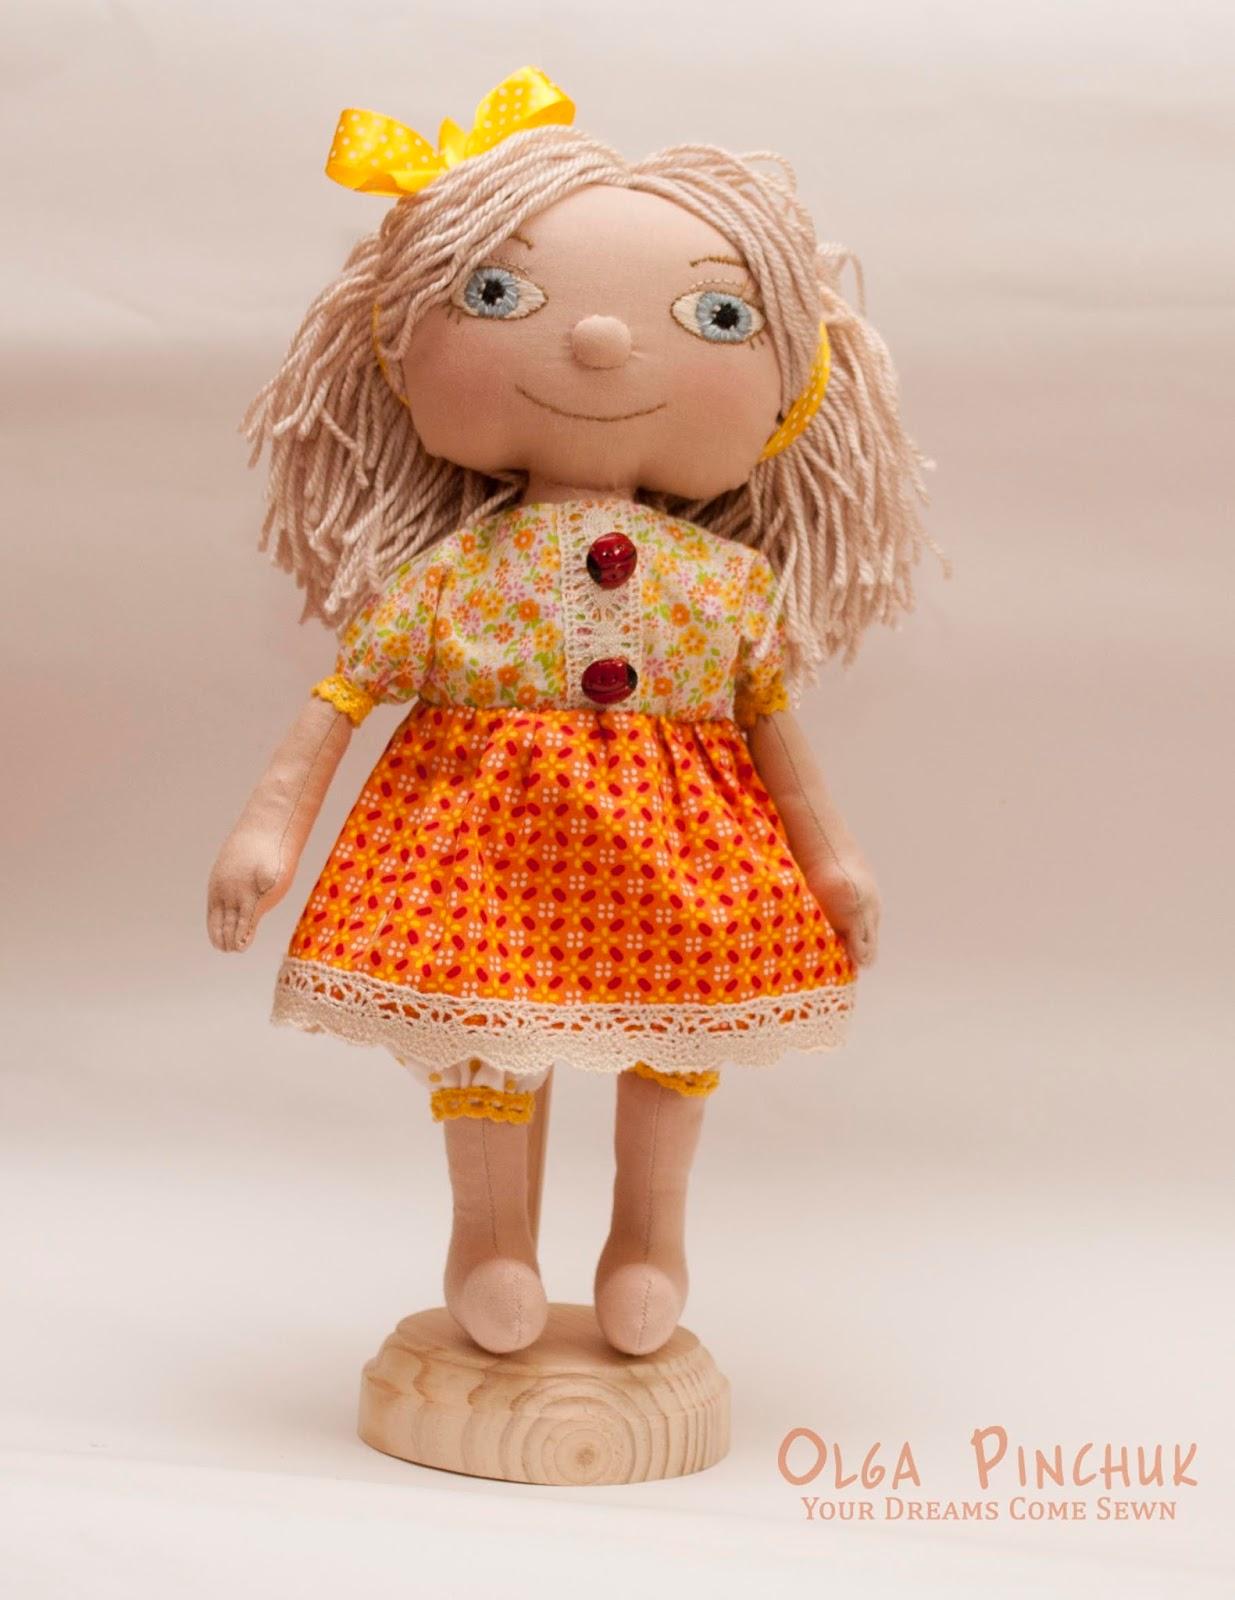 интерьерная кукла, кукла ручной работы, игровая кукла, кукла ребенку, кукла из ткани, текстильная кукла ребенку, экологичная кукла, эко кукла, игрушки ручной работы, игрушки Ольги Пинчук, Ольга Пинчук